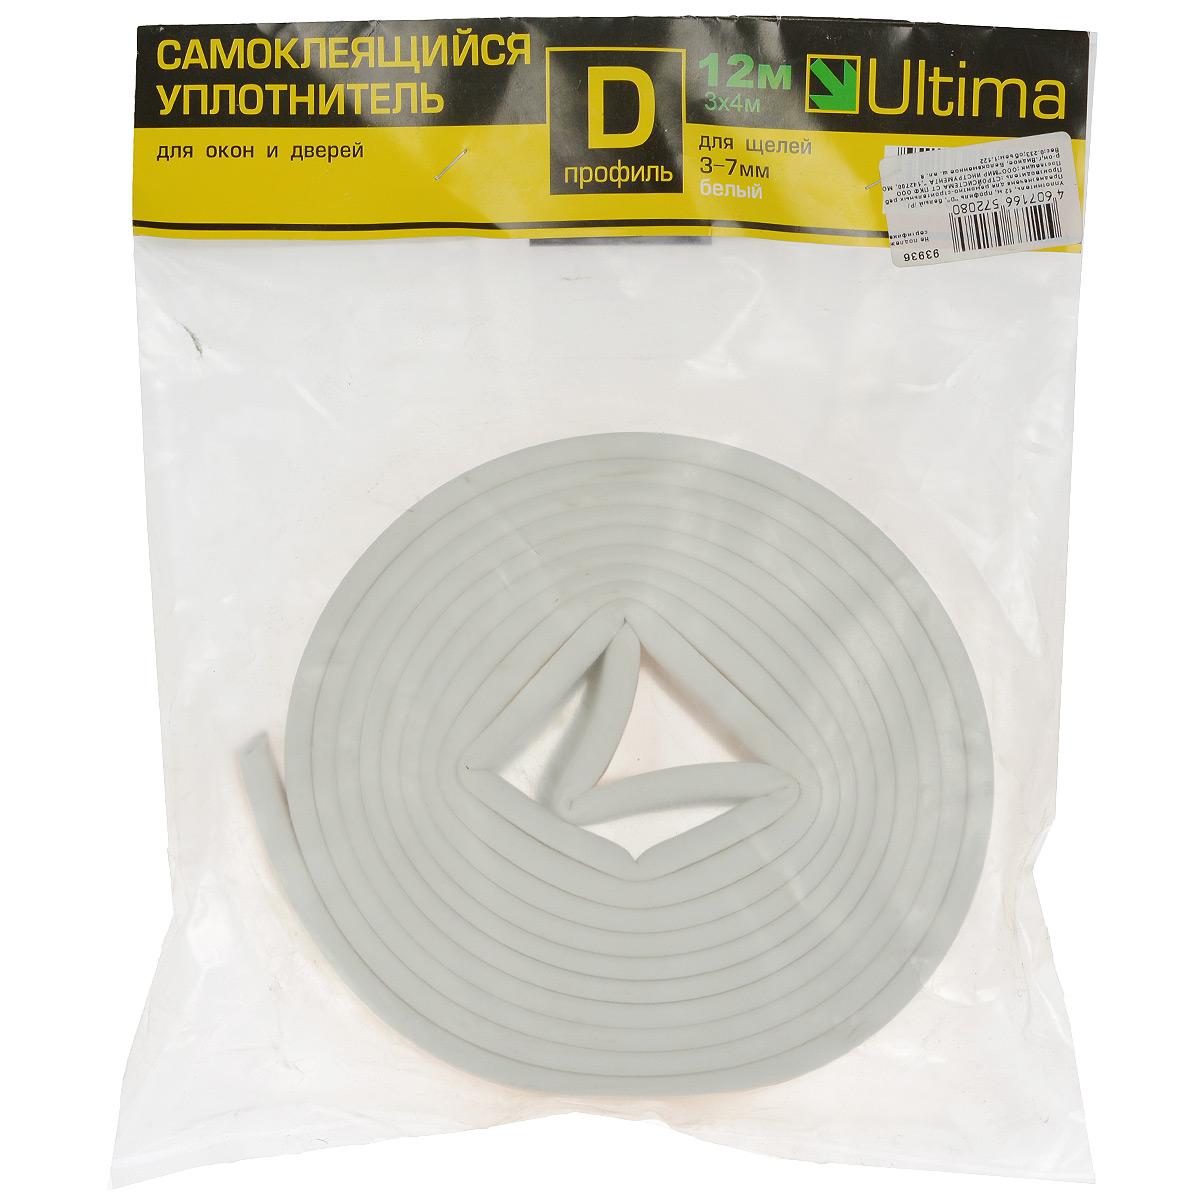 Уплотнитель самоклеящийся Ultima, профиль D, цвет: белый, 12 м93936Универсальный уплотнитель Ultima из вспененной резины EPDM, с уже нанесенным клеящим составом. Предназначен для уплотнения зазоров 3-7 мм в рамах окон и дверей, с целью предотвращения подсосов воздуха, пыли и защиты от шума. Образующаяся воздушная камера обеспечивает дополнительную шумо- и теплоизоляцию. Клеящий слой защищен от высыхания и смазывания бумажной лентой. При удалении не повреждает окрашенную поверхность. Хорошая адгезия клеящего слоя. Профиль D.